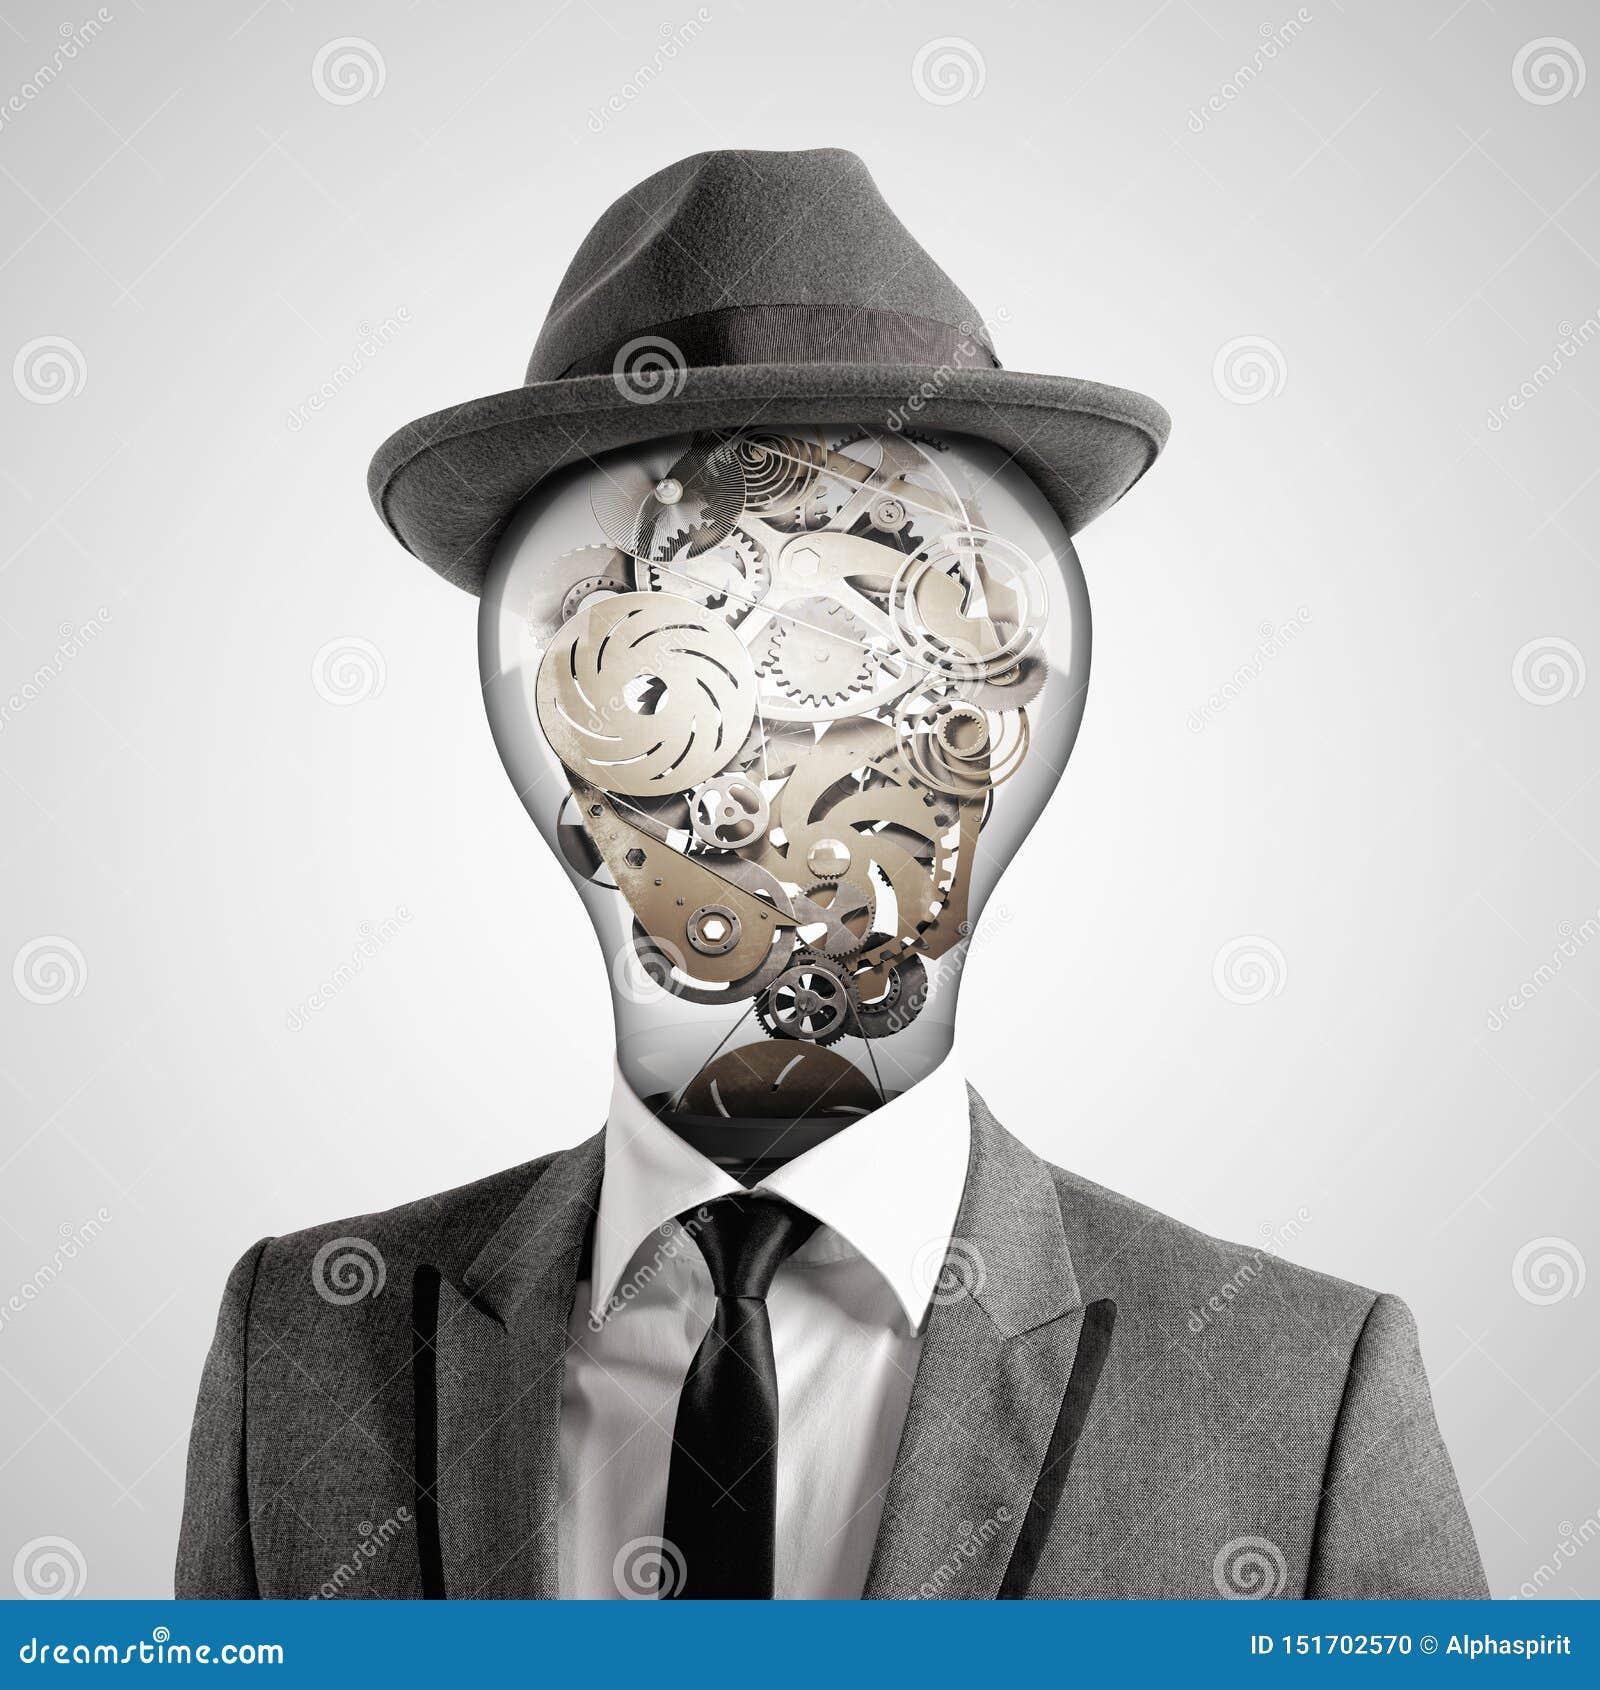 Ingenious head. 3D Rendering